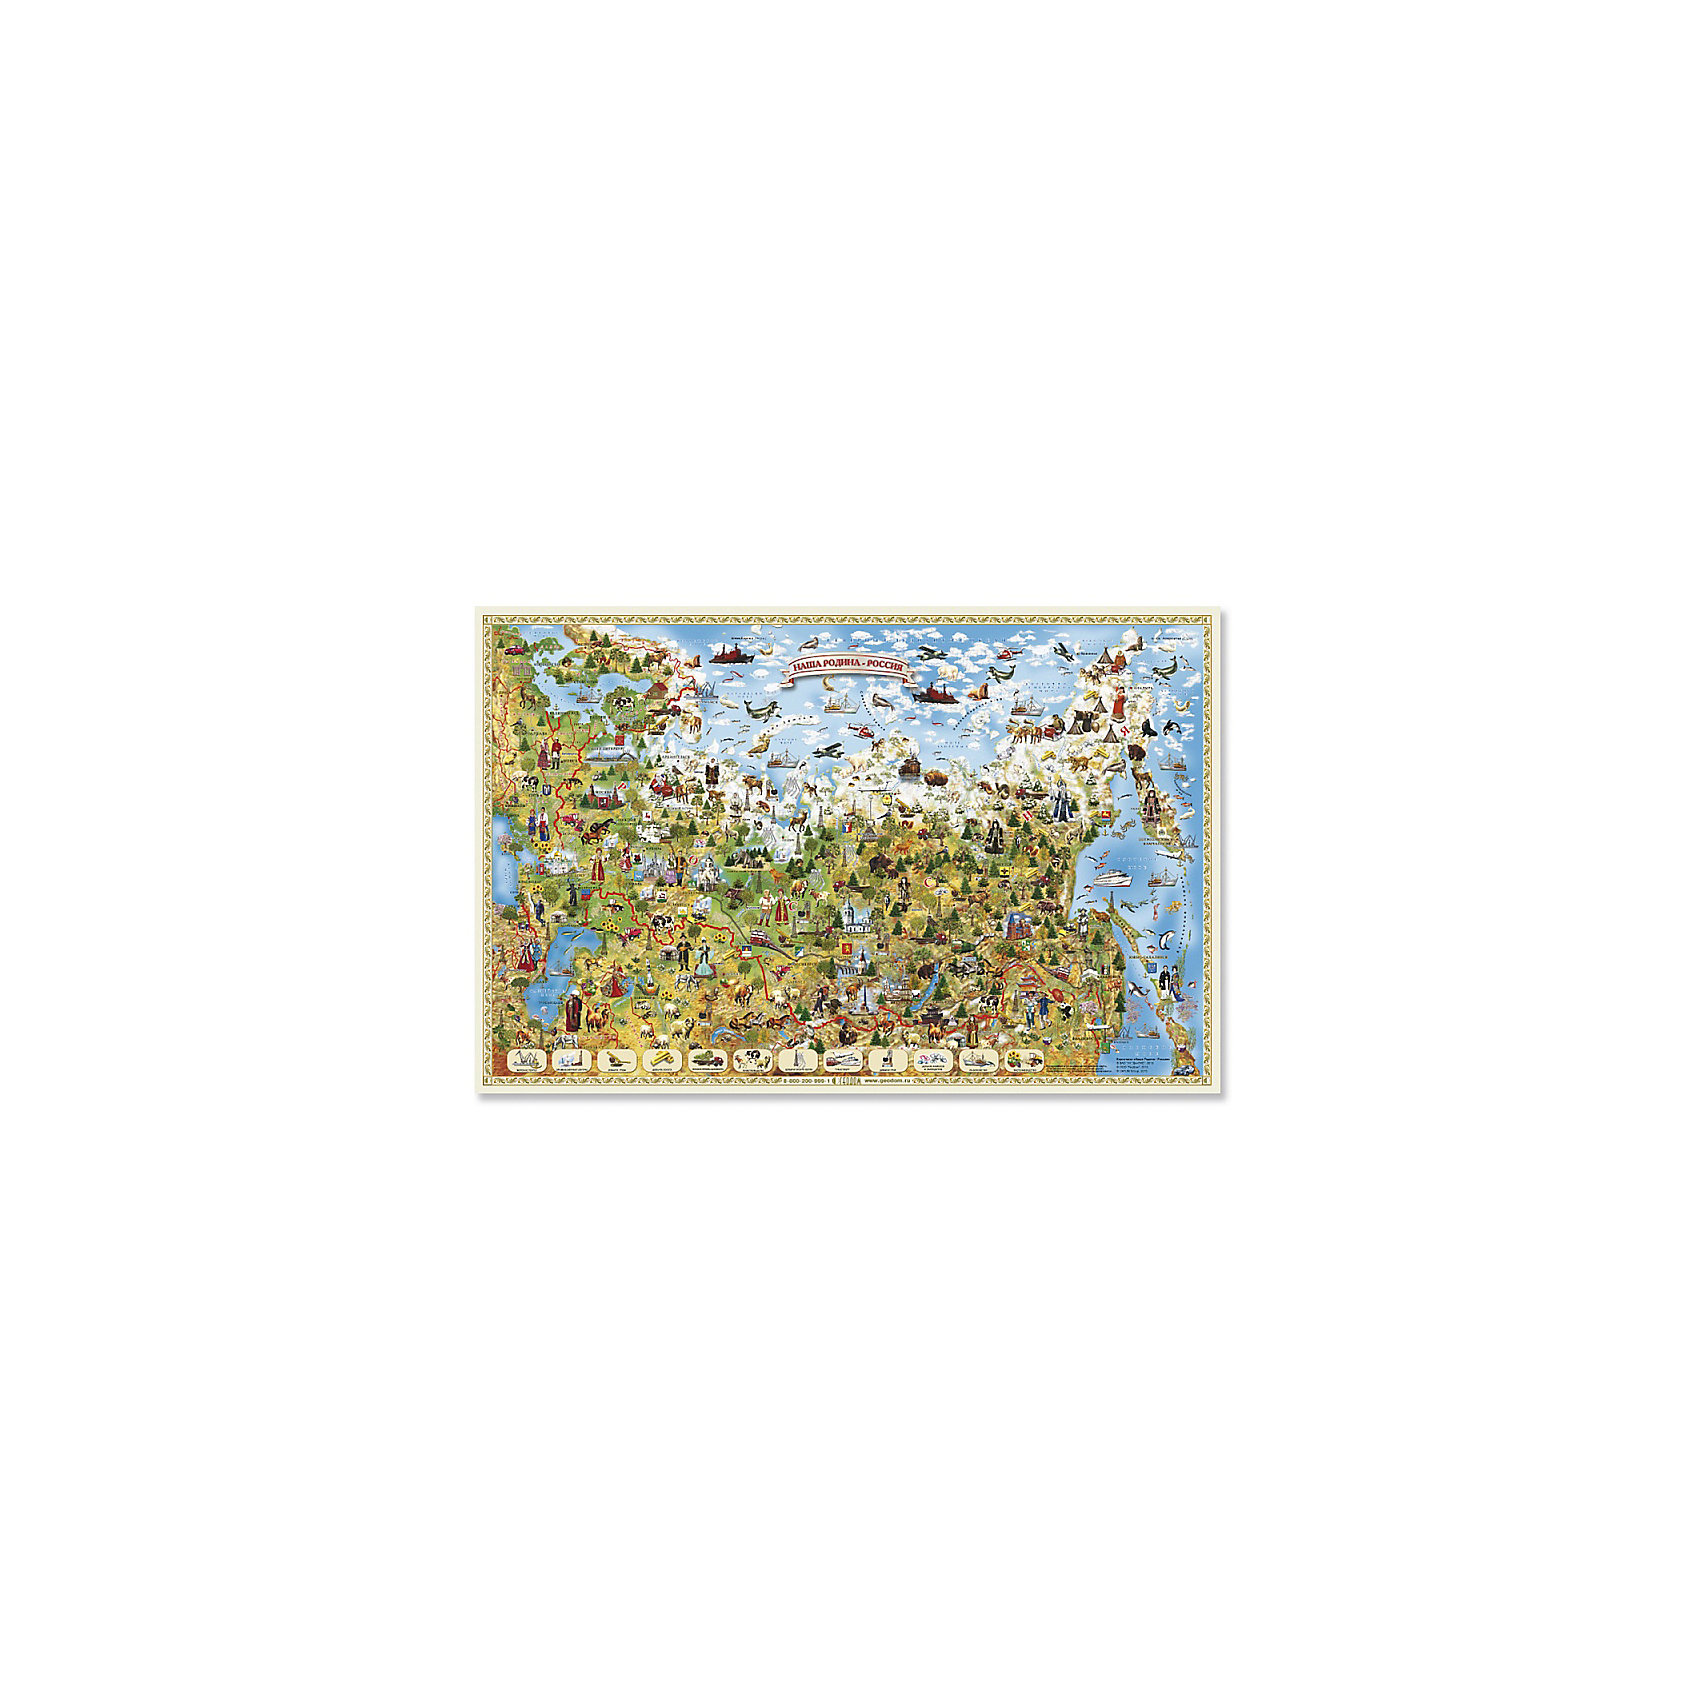 Настольная карта Наша Родина - Россия 58*38 см, ламинированнаяИздательство Геодом<br>Характеристики товара:<br><br>• материал: ламинированная бумага<br>• возраст: от 6 лет<br>• размер карты: 58х38 см<br>• вес: 100 г<br>• страна производитель: Россия<br><br>Россия - самая большая страна в мире, занимает обширные пространства сразу в двух частях света - в Европе и Азии, граничит с 18 государствами. Здесь обитает огромное разнообразие животных и птиц, множество народов населяют нашу Родину. Благодаря карте Наша Родина -Россия ребенок может узнать как сказочно богата природными ресурсами наша страна, такими как золото, уголь, алмазы, газ; развито животноводство и сельское хозяйство. Двойная ламинация защитит карту от внешних повреждений и загрязнений.<br><br>Настольная карта Россия наша Родина 58*38 см, ламинированную можно купить в нашем интернет-магазине.<br><br>Ширина мм: 580<br>Глубина мм: 380<br>Высота мм: 1<br>Вес г: 100<br>Возраст от месяцев: 36<br>Возраст до месяцев: 2147483647<br>Пол: Унисекс<br>Возраст: Детский<br>SKU: 5423002